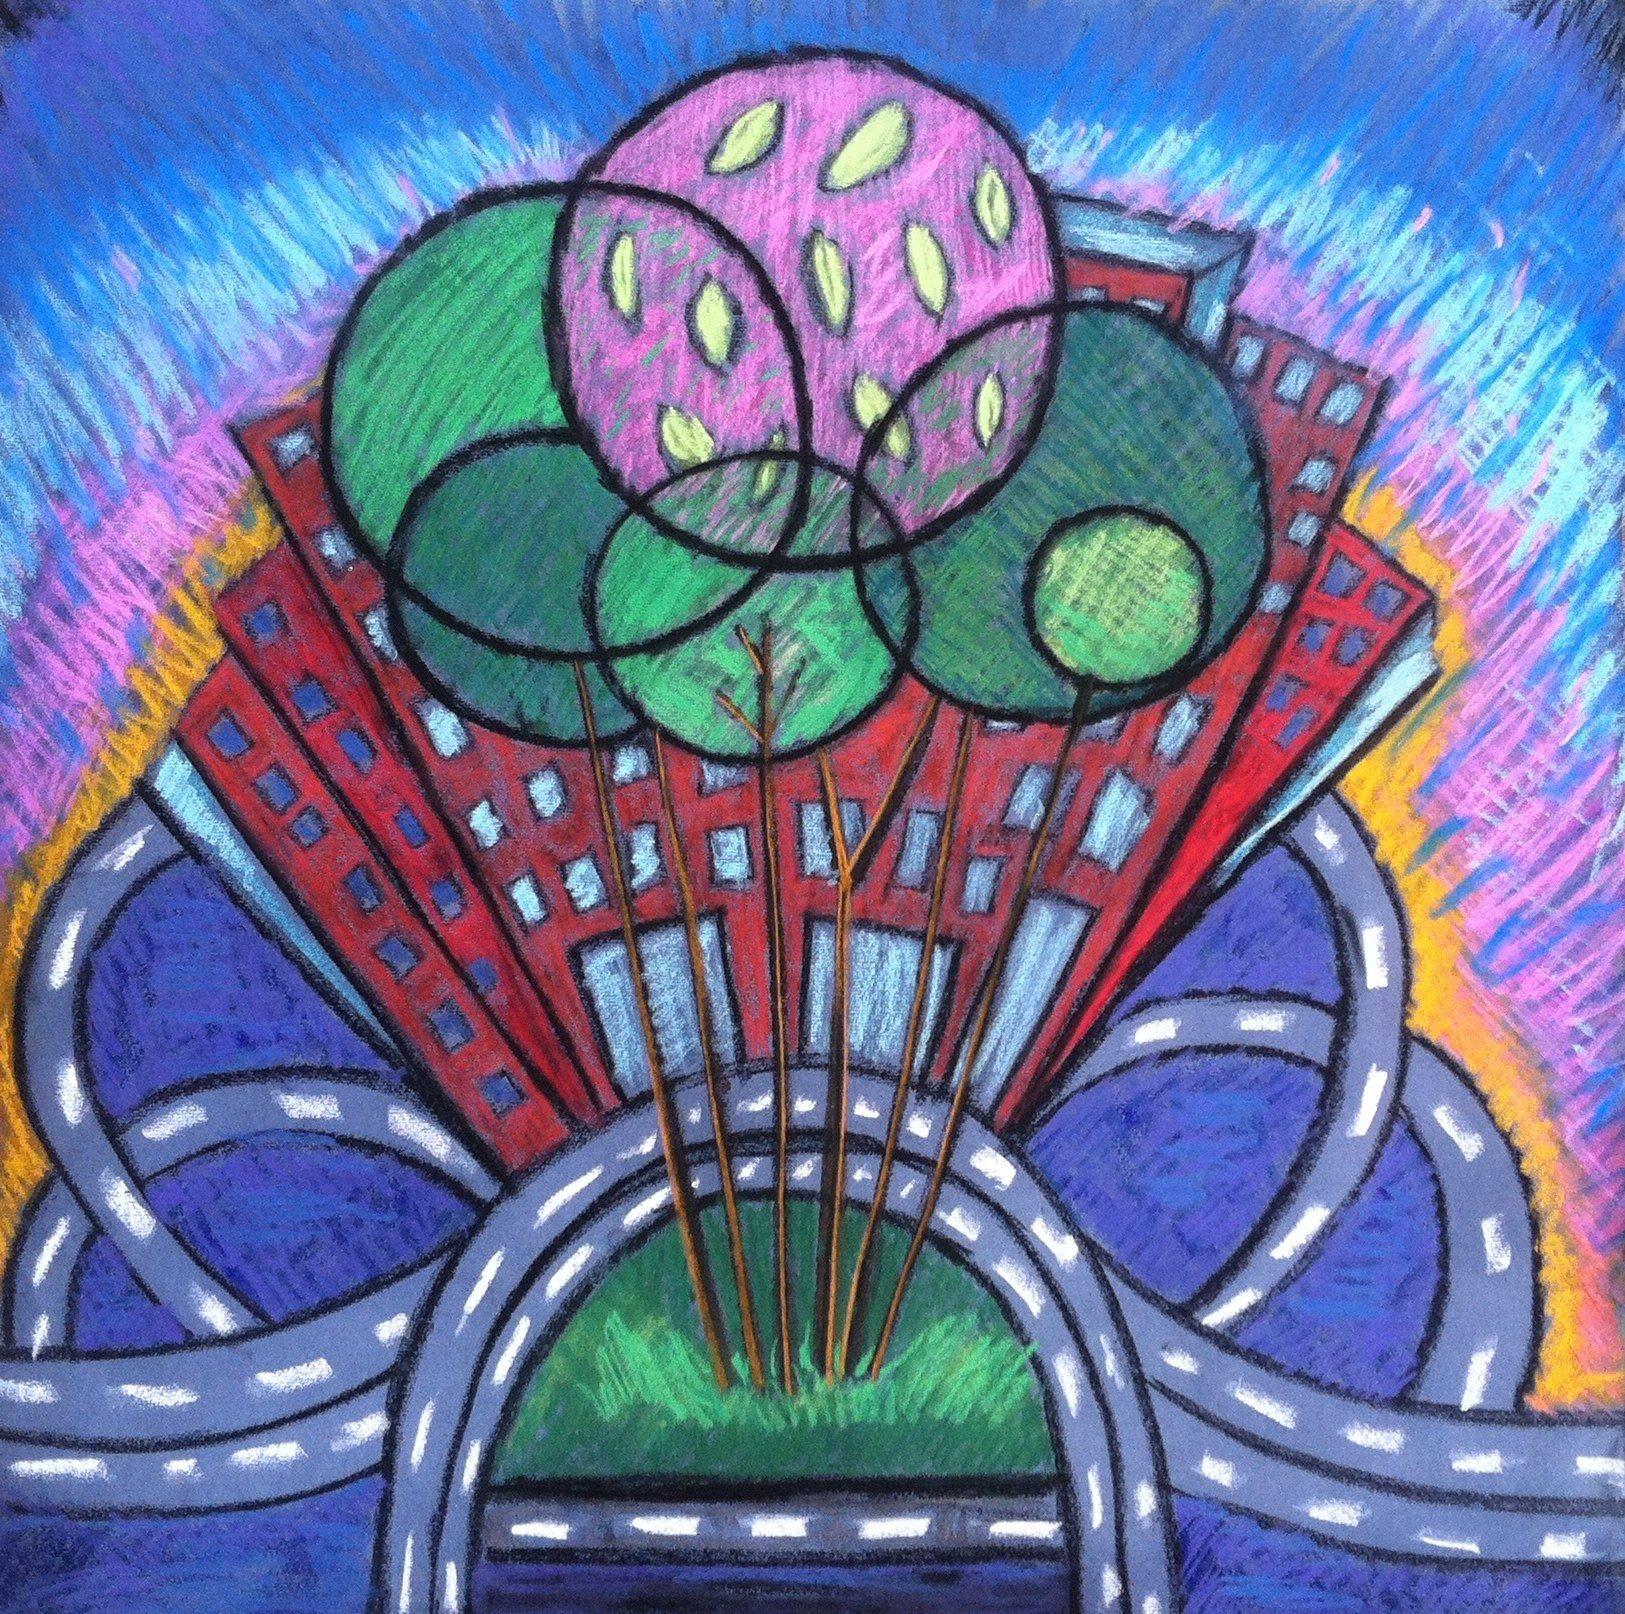 Urban pastel